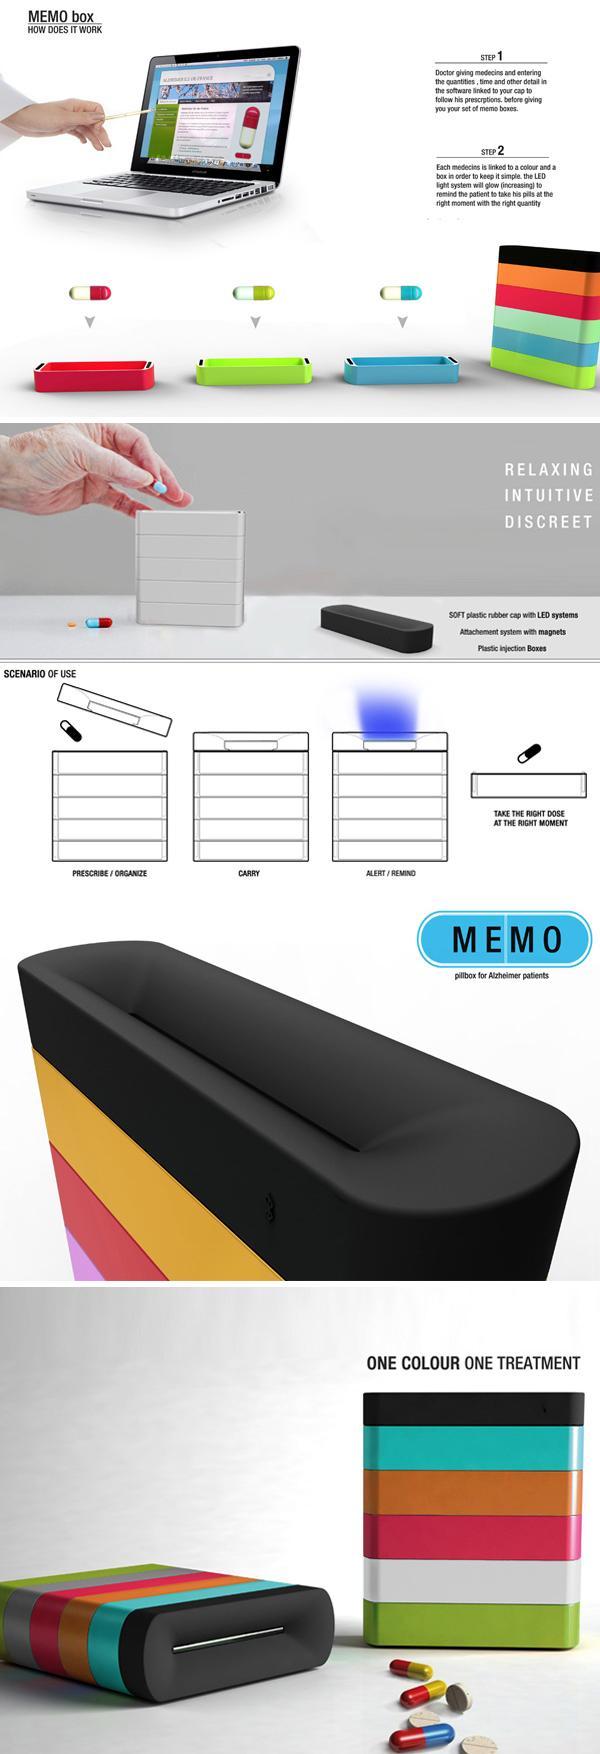 Контейнер «Pill Box» для пациентов с плохой памятью